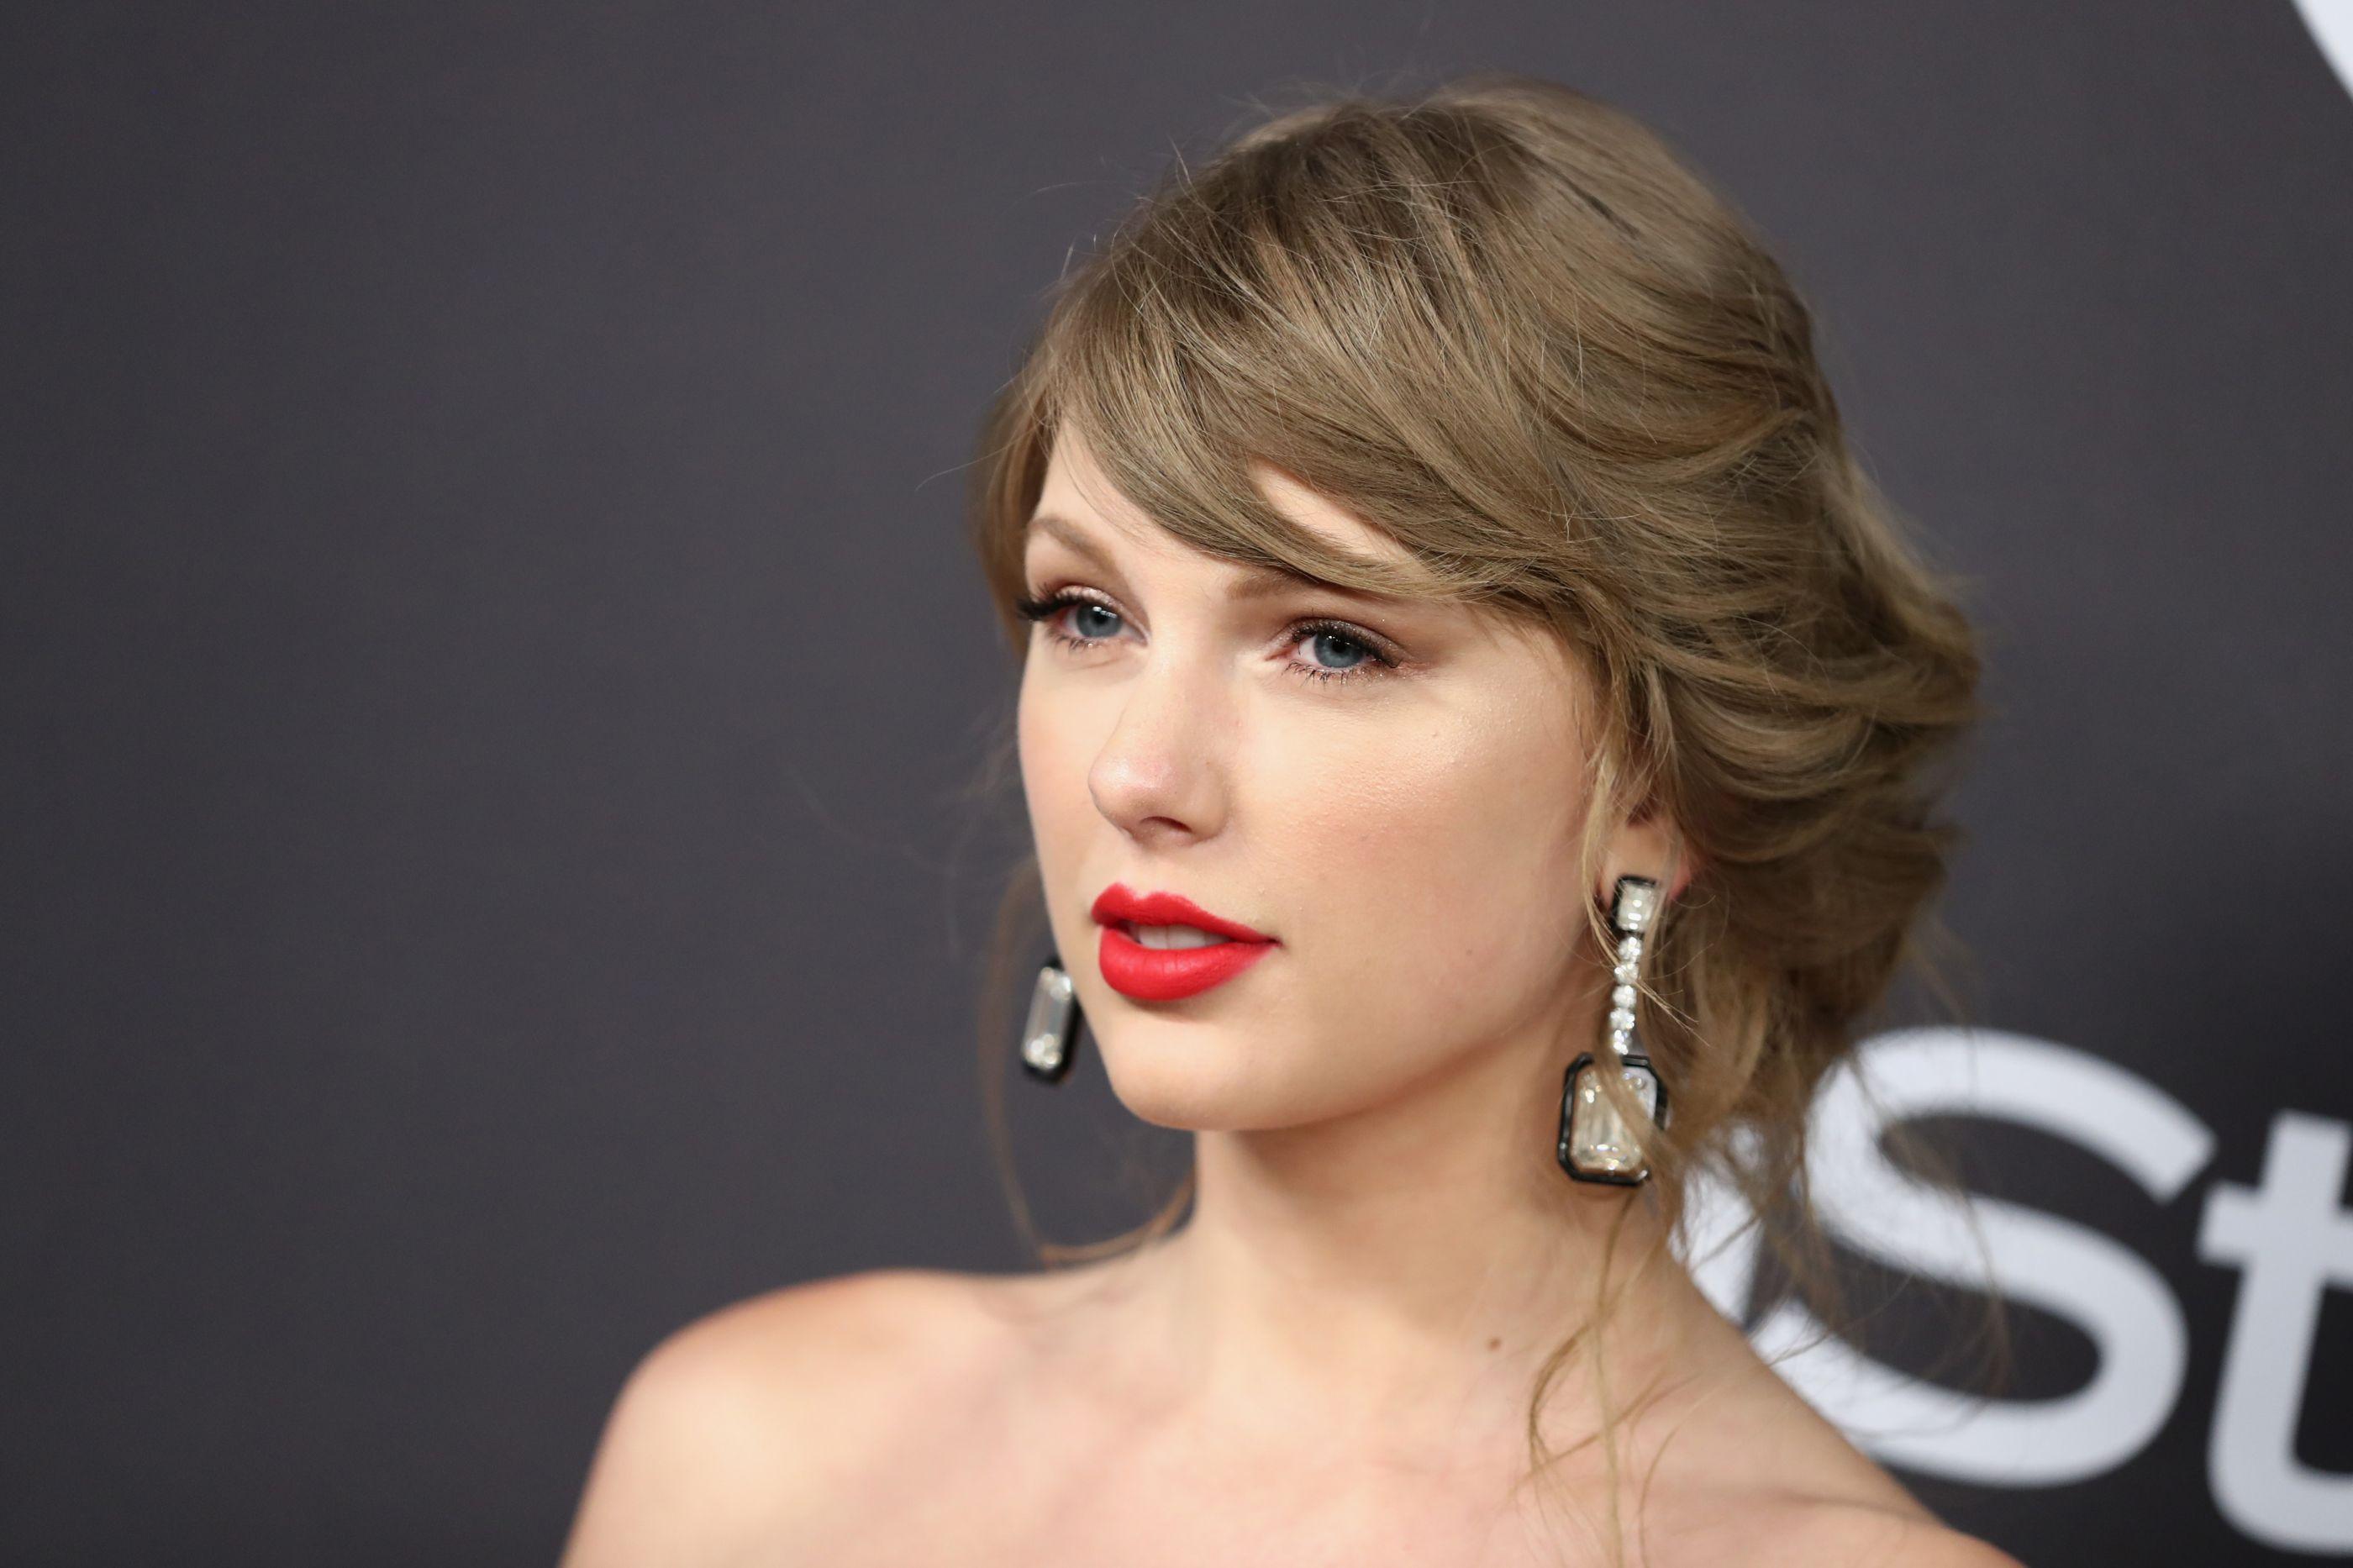 Homem que invadiu casa de Taylor Swift condenado até 4 anos de prisão